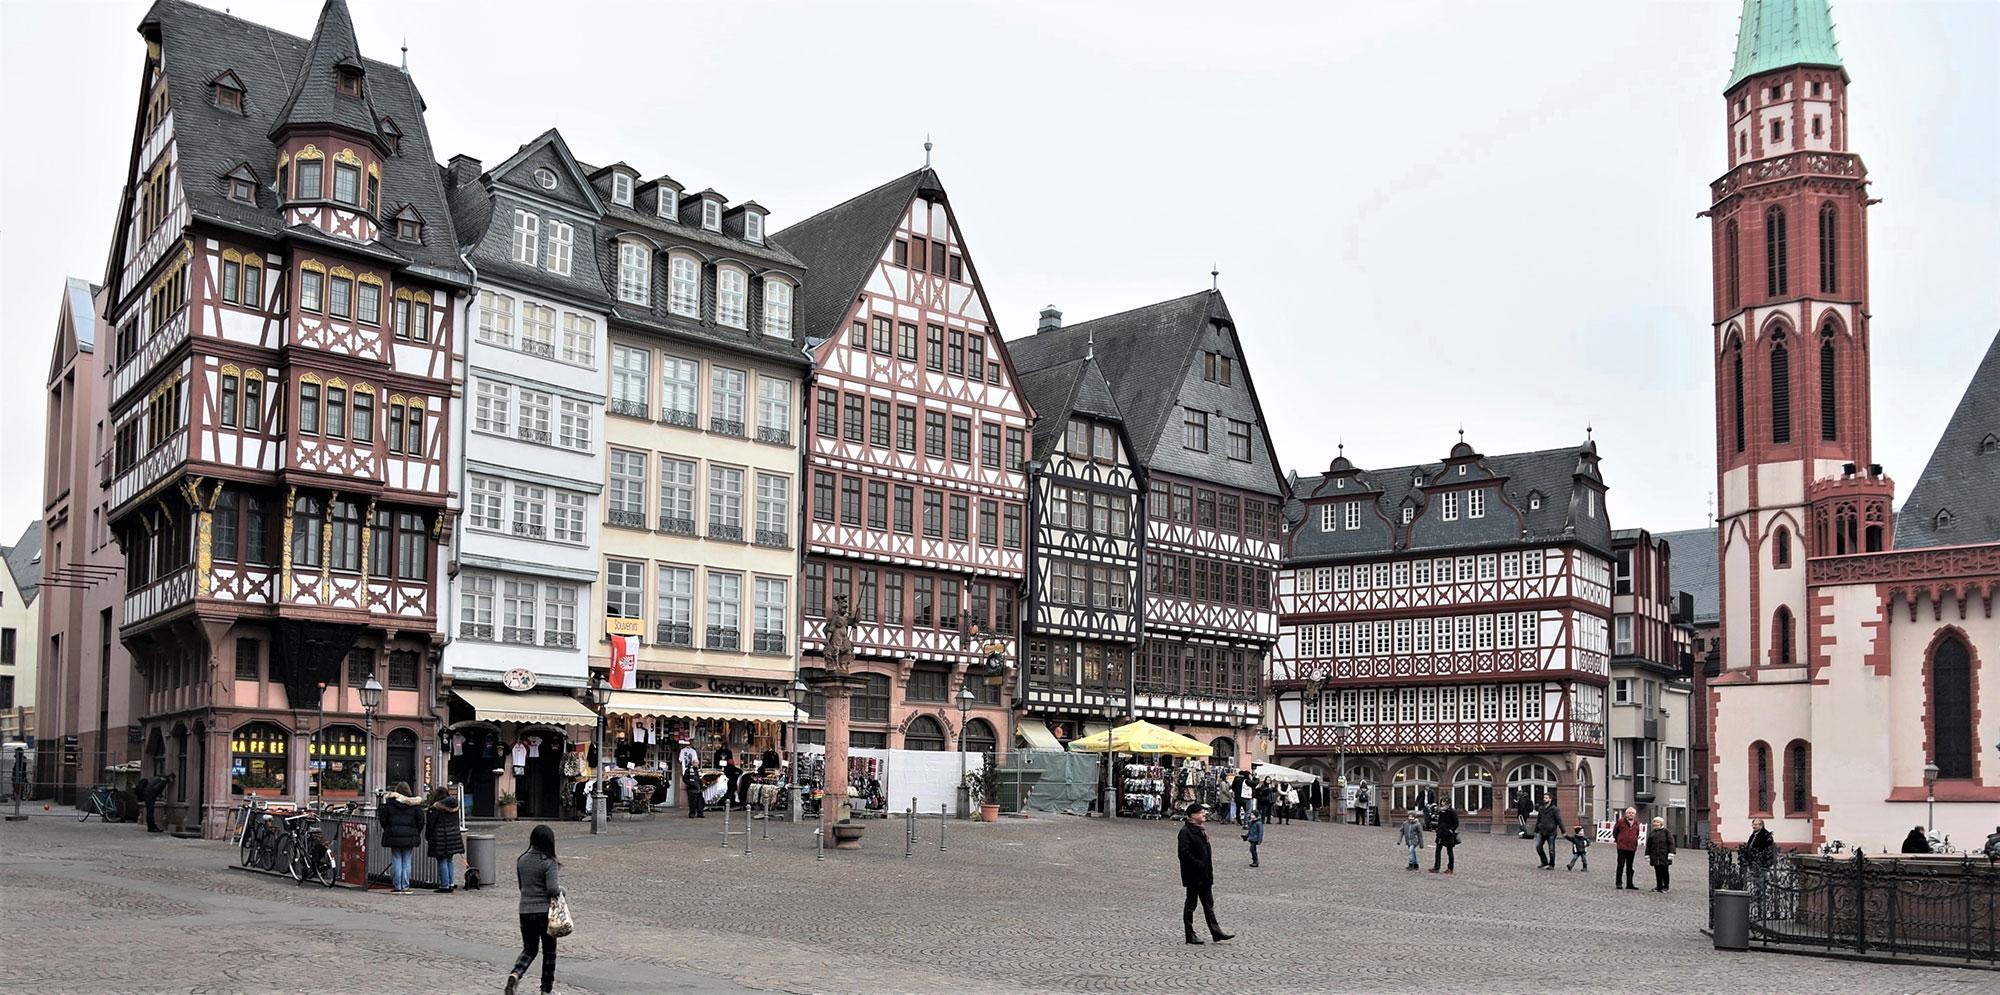 Ρετροτοπία και αρχιτεκτονική –       Η γερμανική εκδοχή